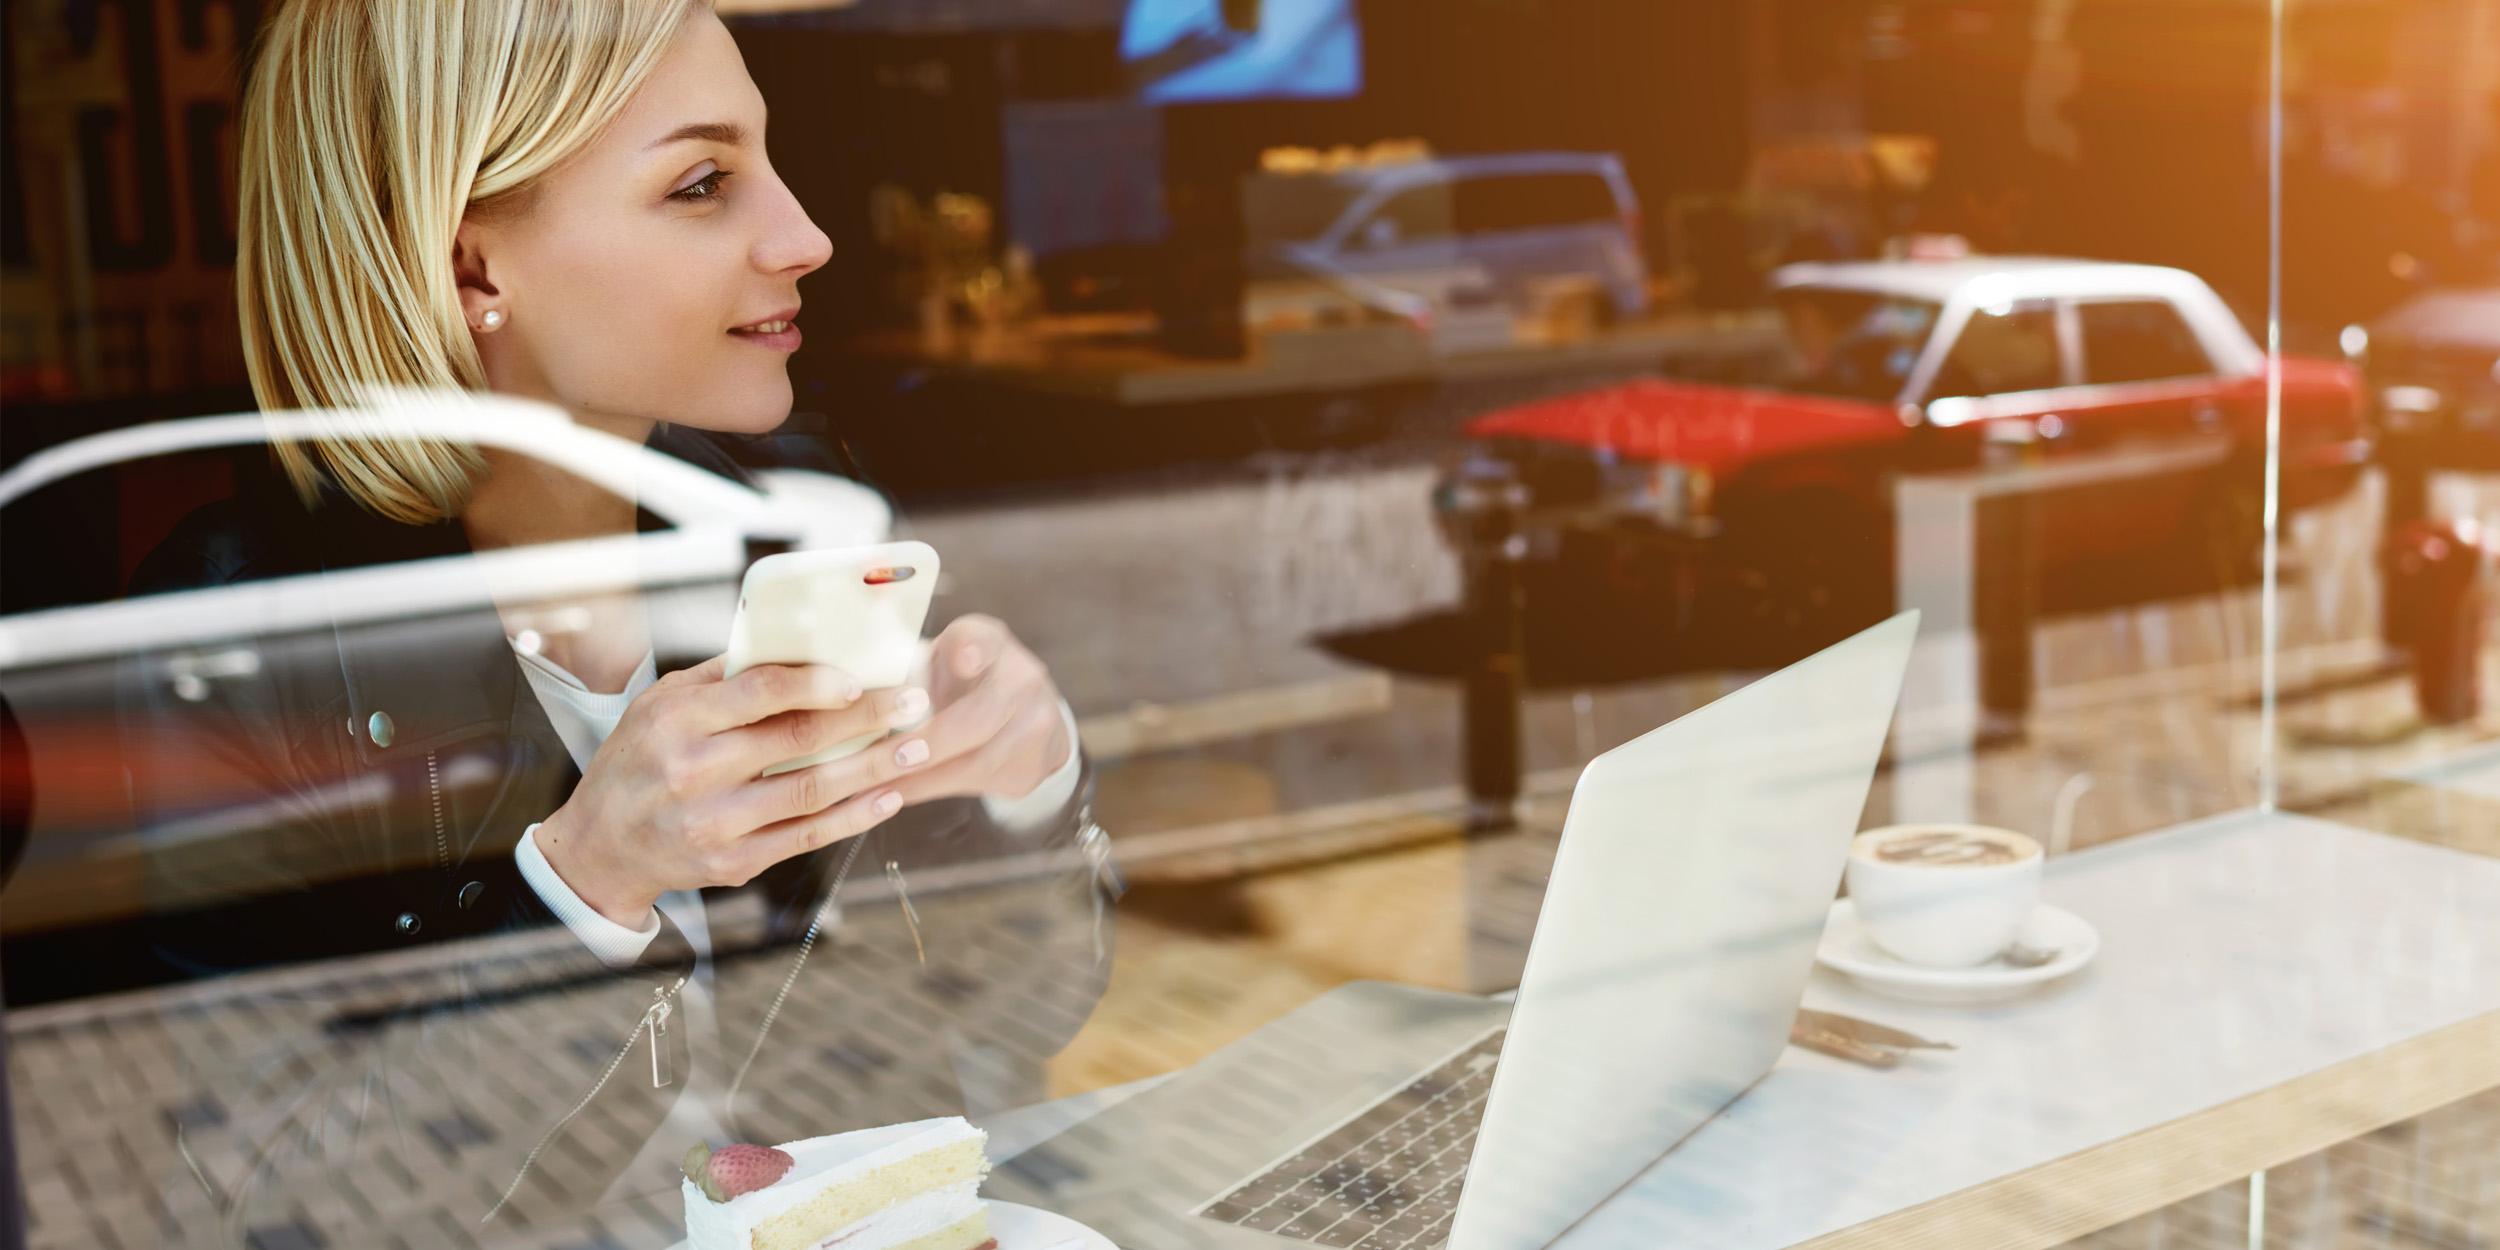 Places to Work поможет подобрать оптимальное место для удалённой работы